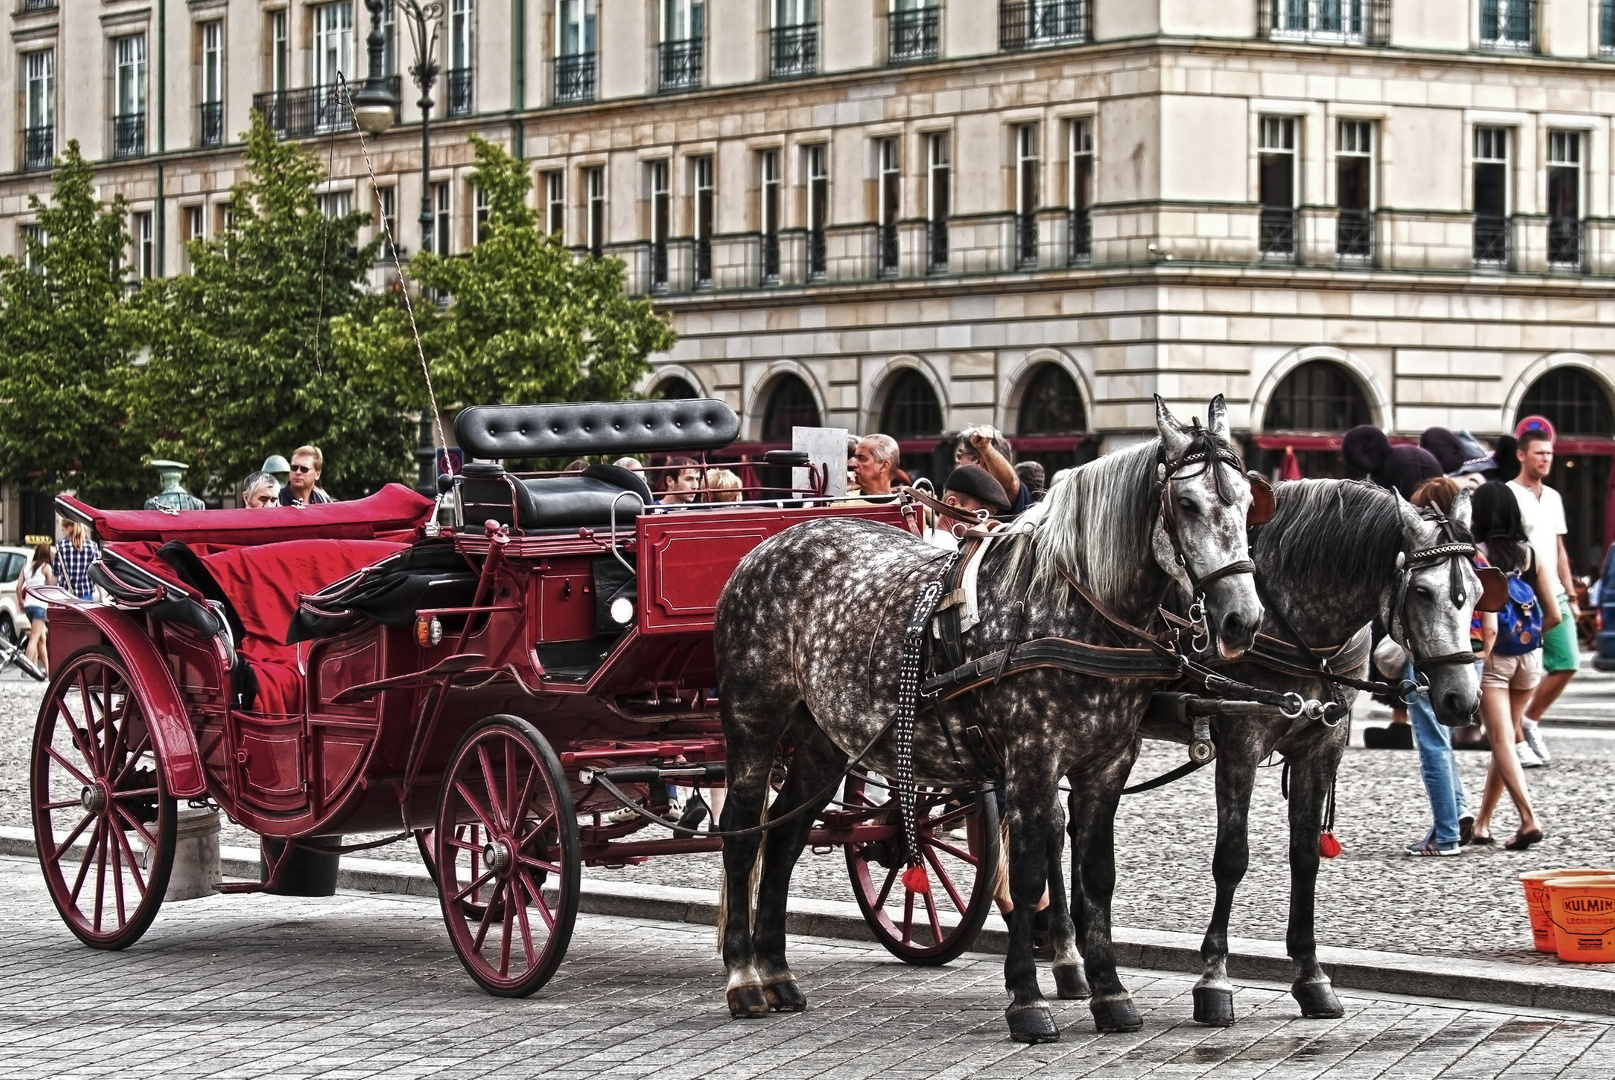 Sommer am Pariser Platz